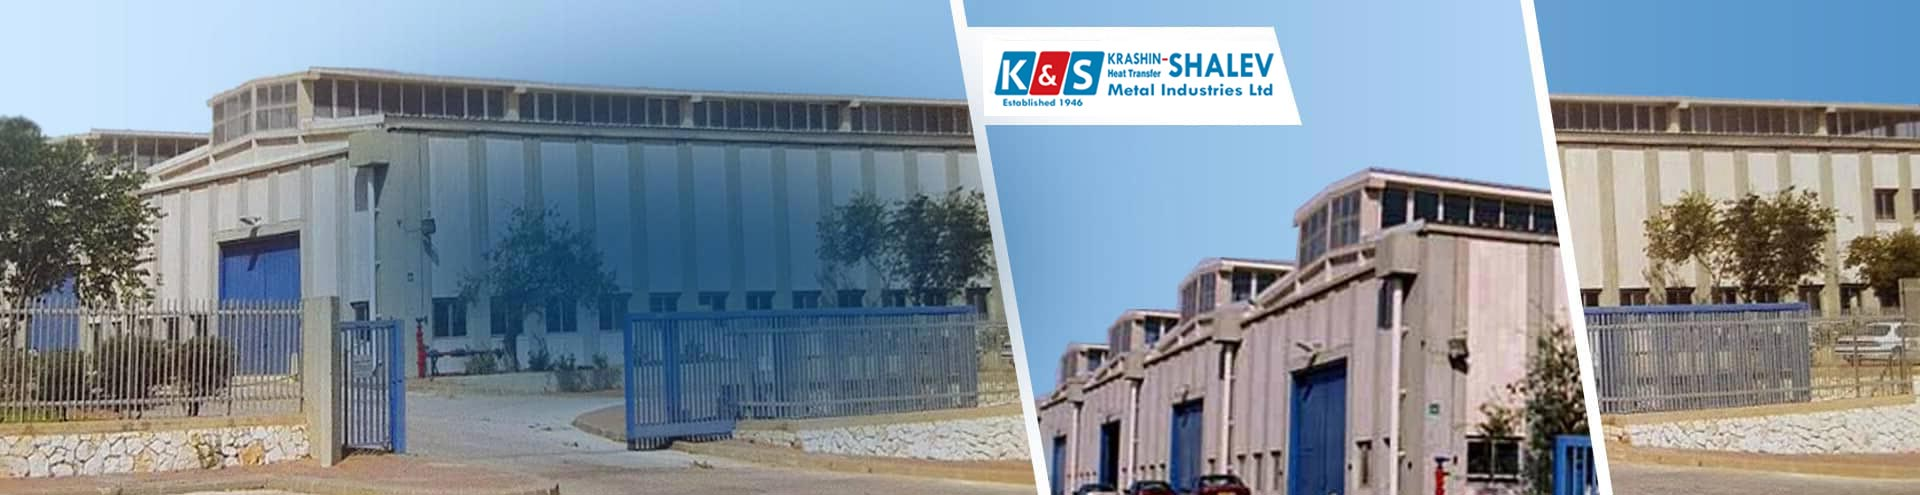 Krashin-Shalev: 70+ years of specialization in heat transfer